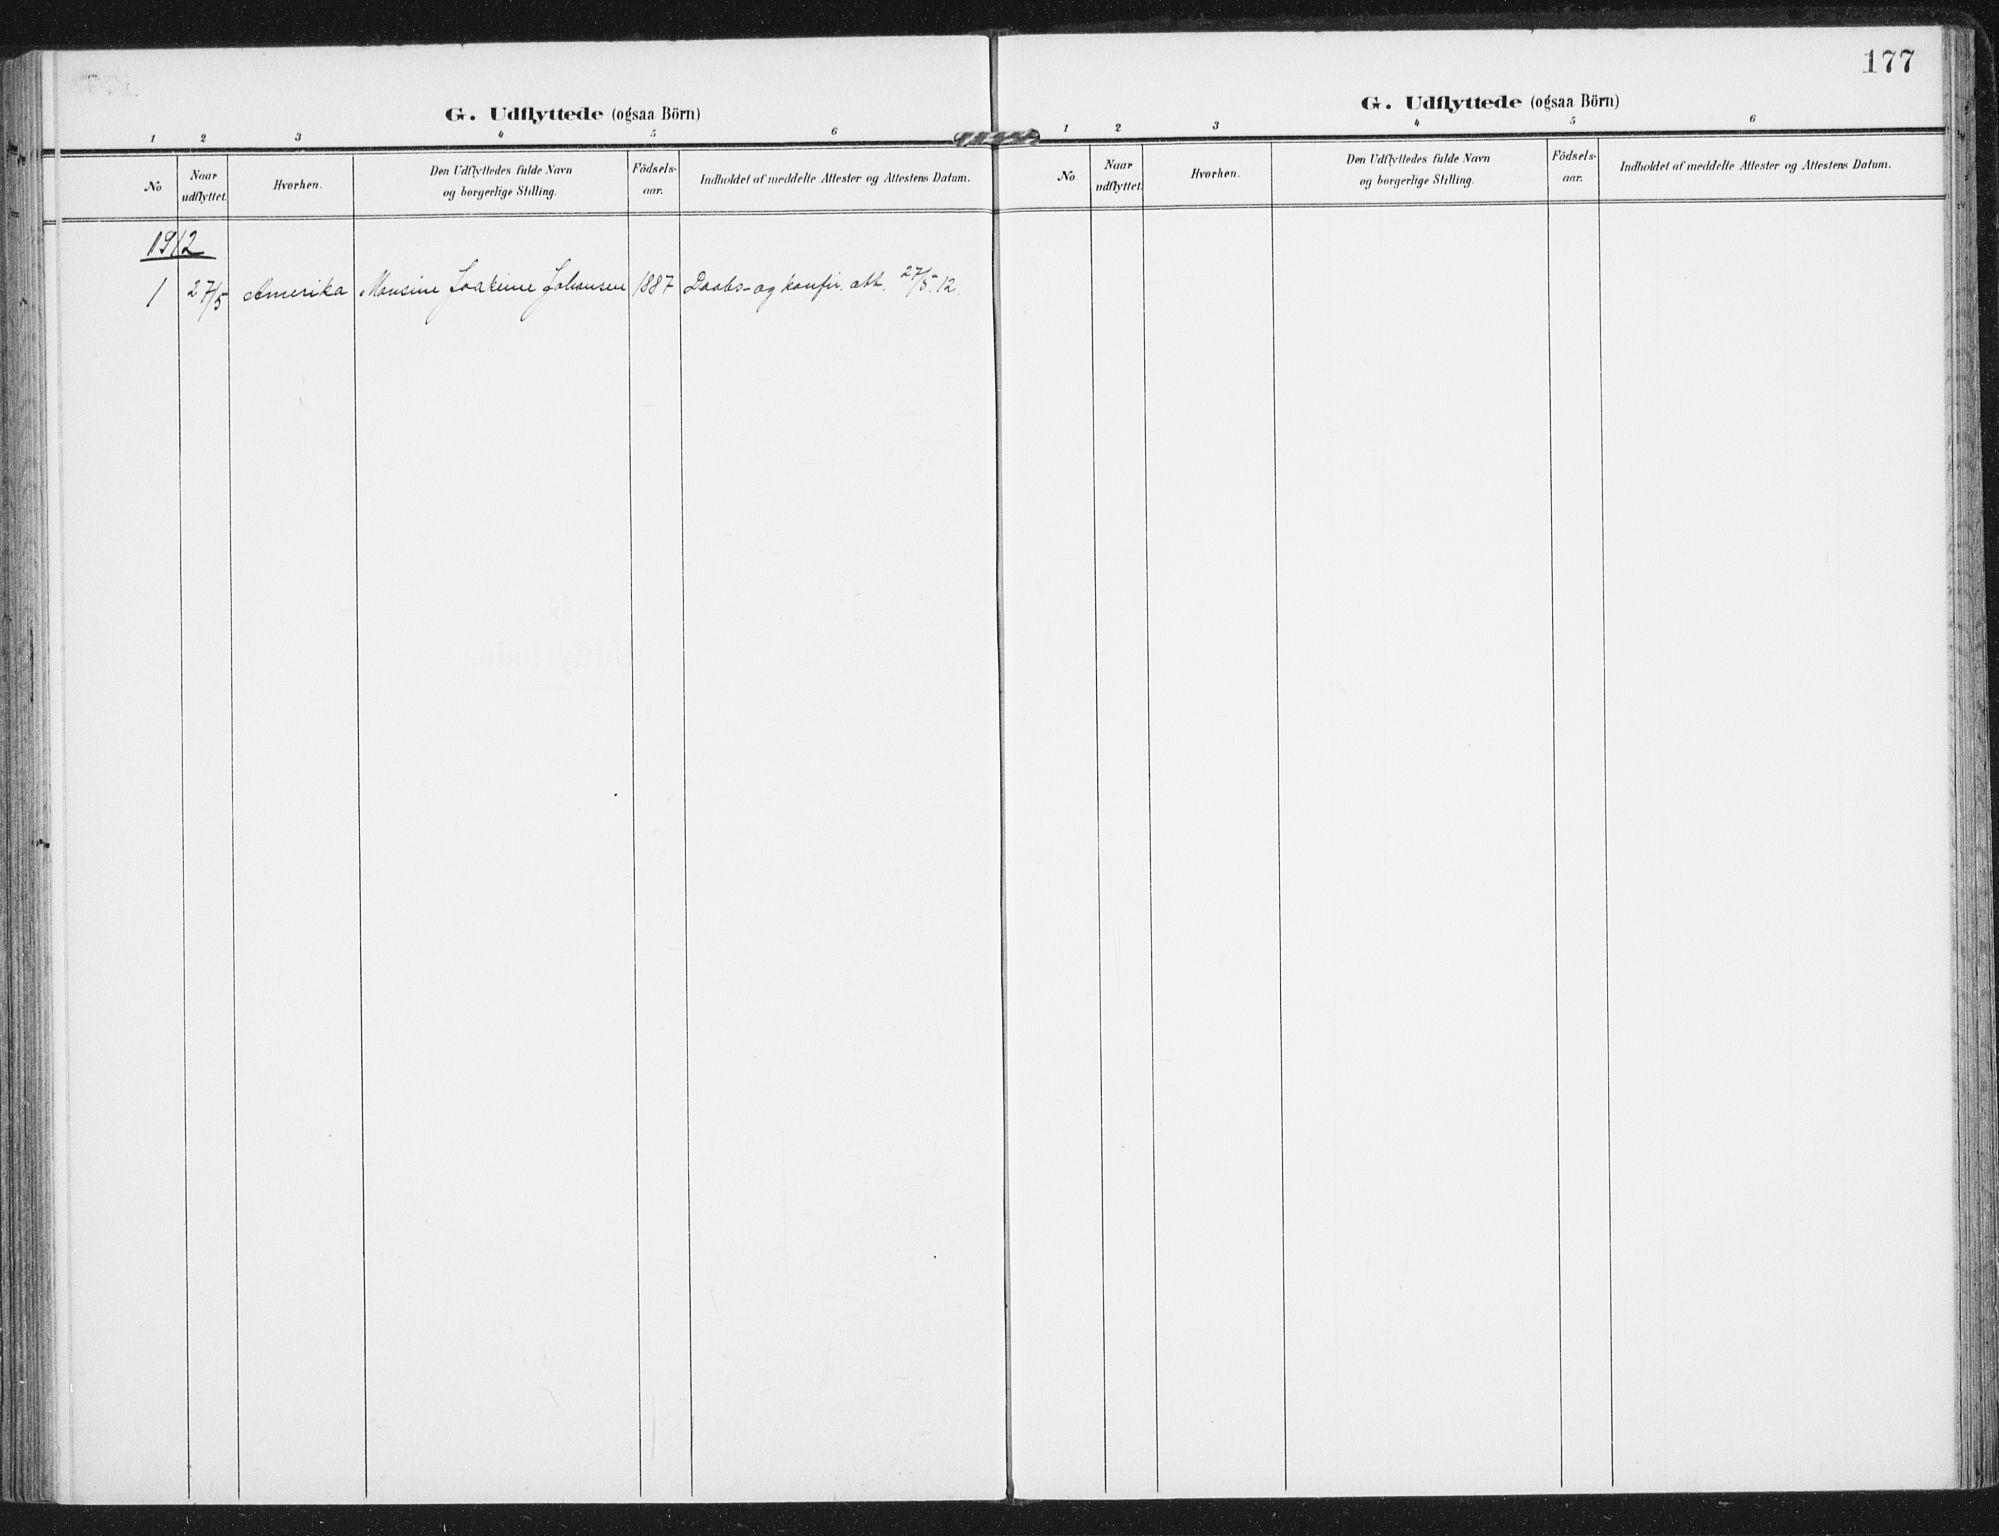 SAT, Ministerialprotokoller, klokkerbøker og fødselsregistre - Nordland, 885/L1206: Parish register (official) no. 885A07, 1905-1915, p. 177